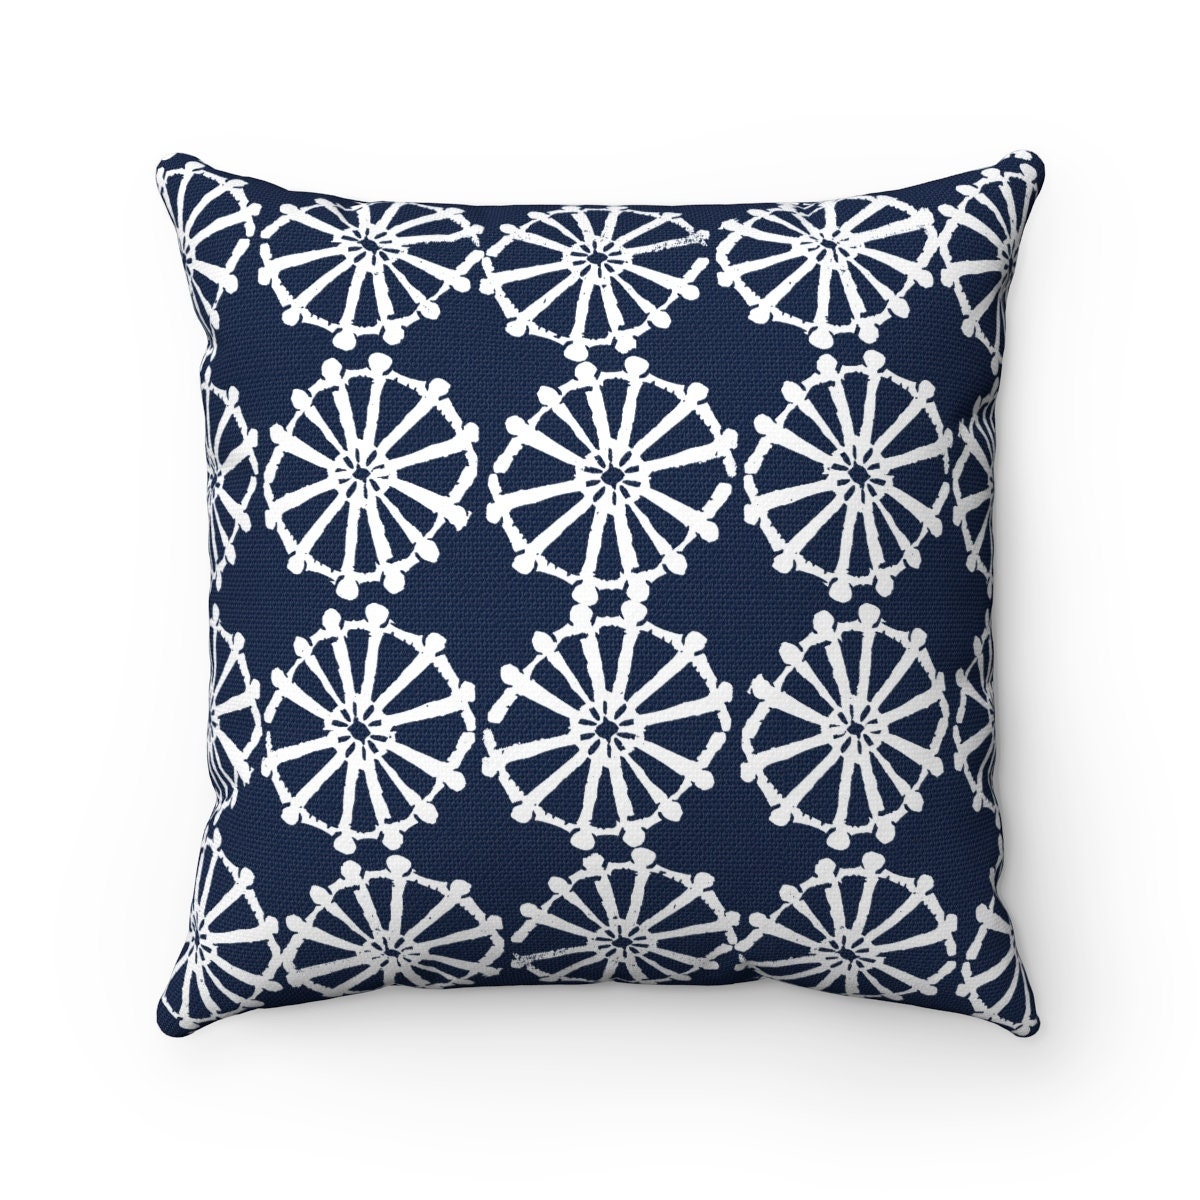 Outdoor Throw Pillow Navy Blue Outdoor Pillow Navy Patio Cushion